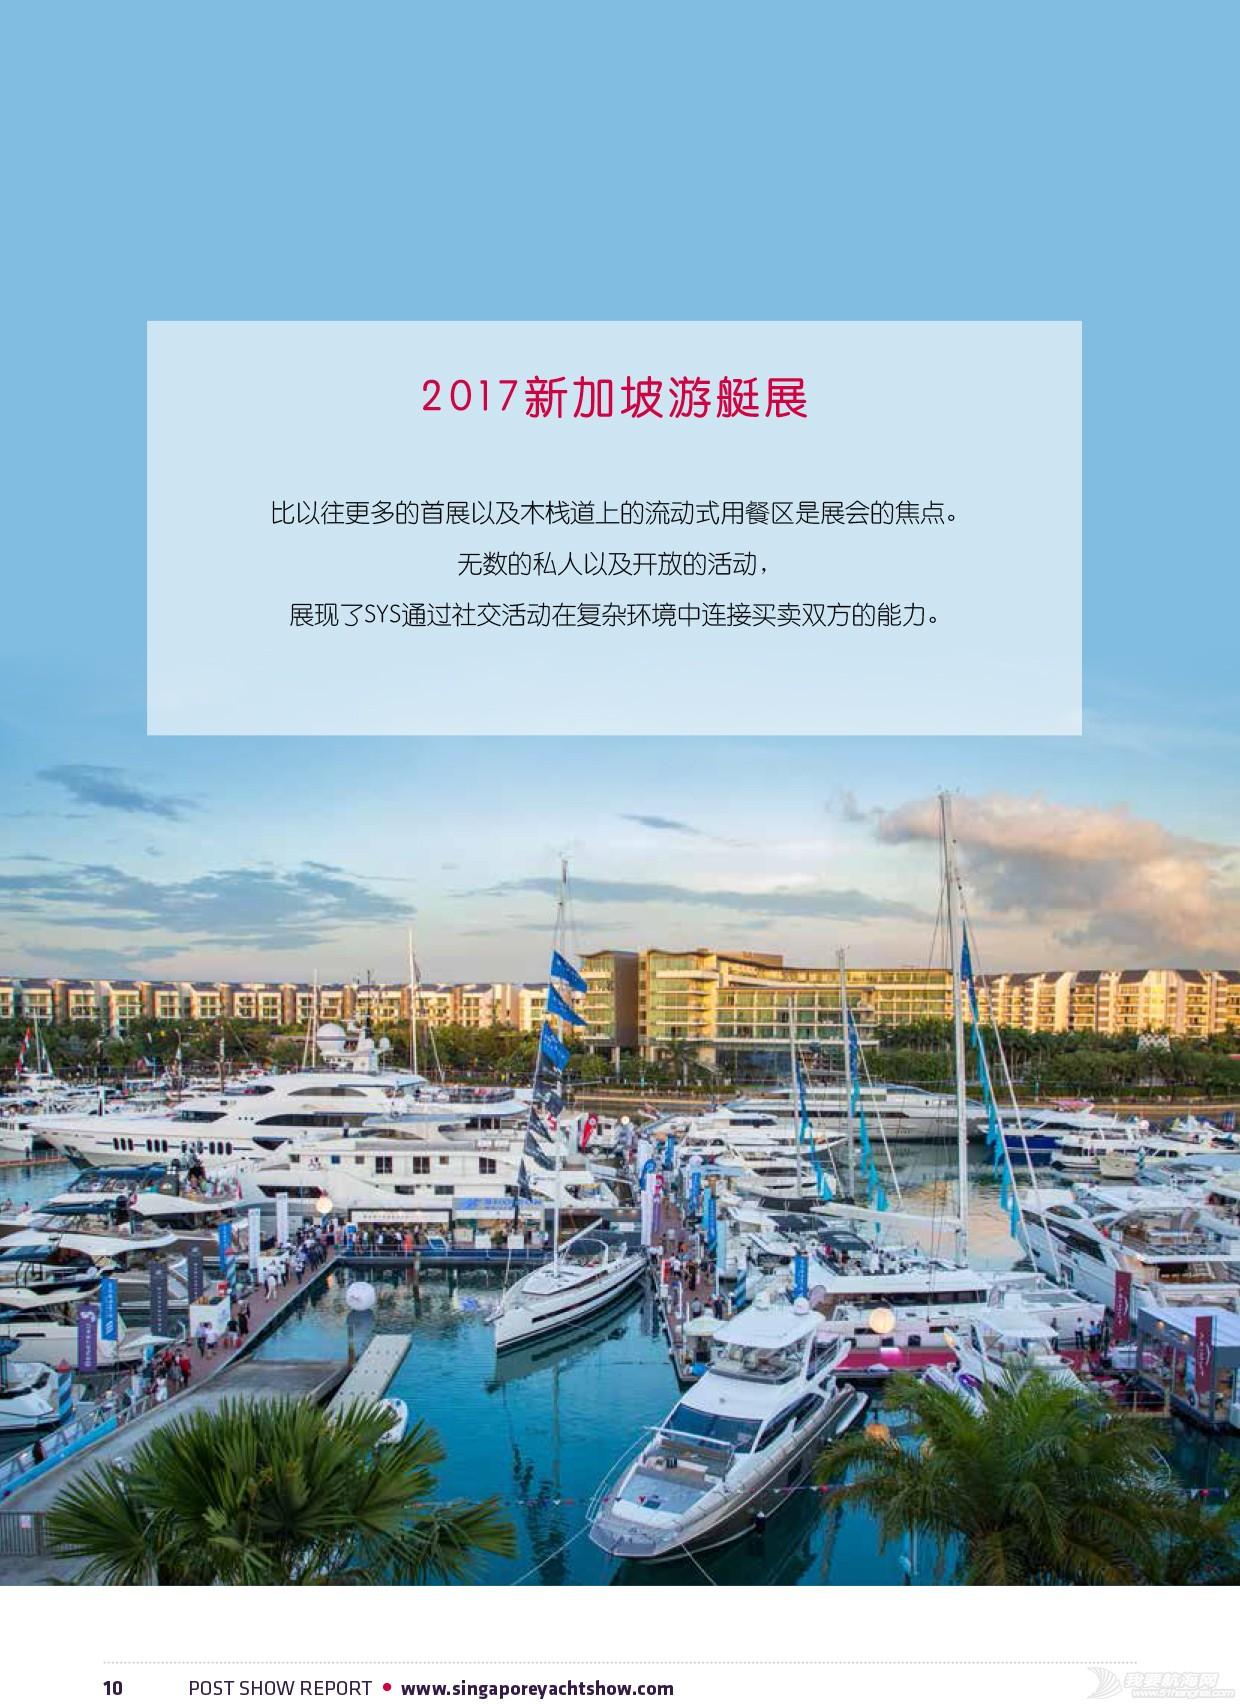 新加坡游艇展2017报告-10.jpg